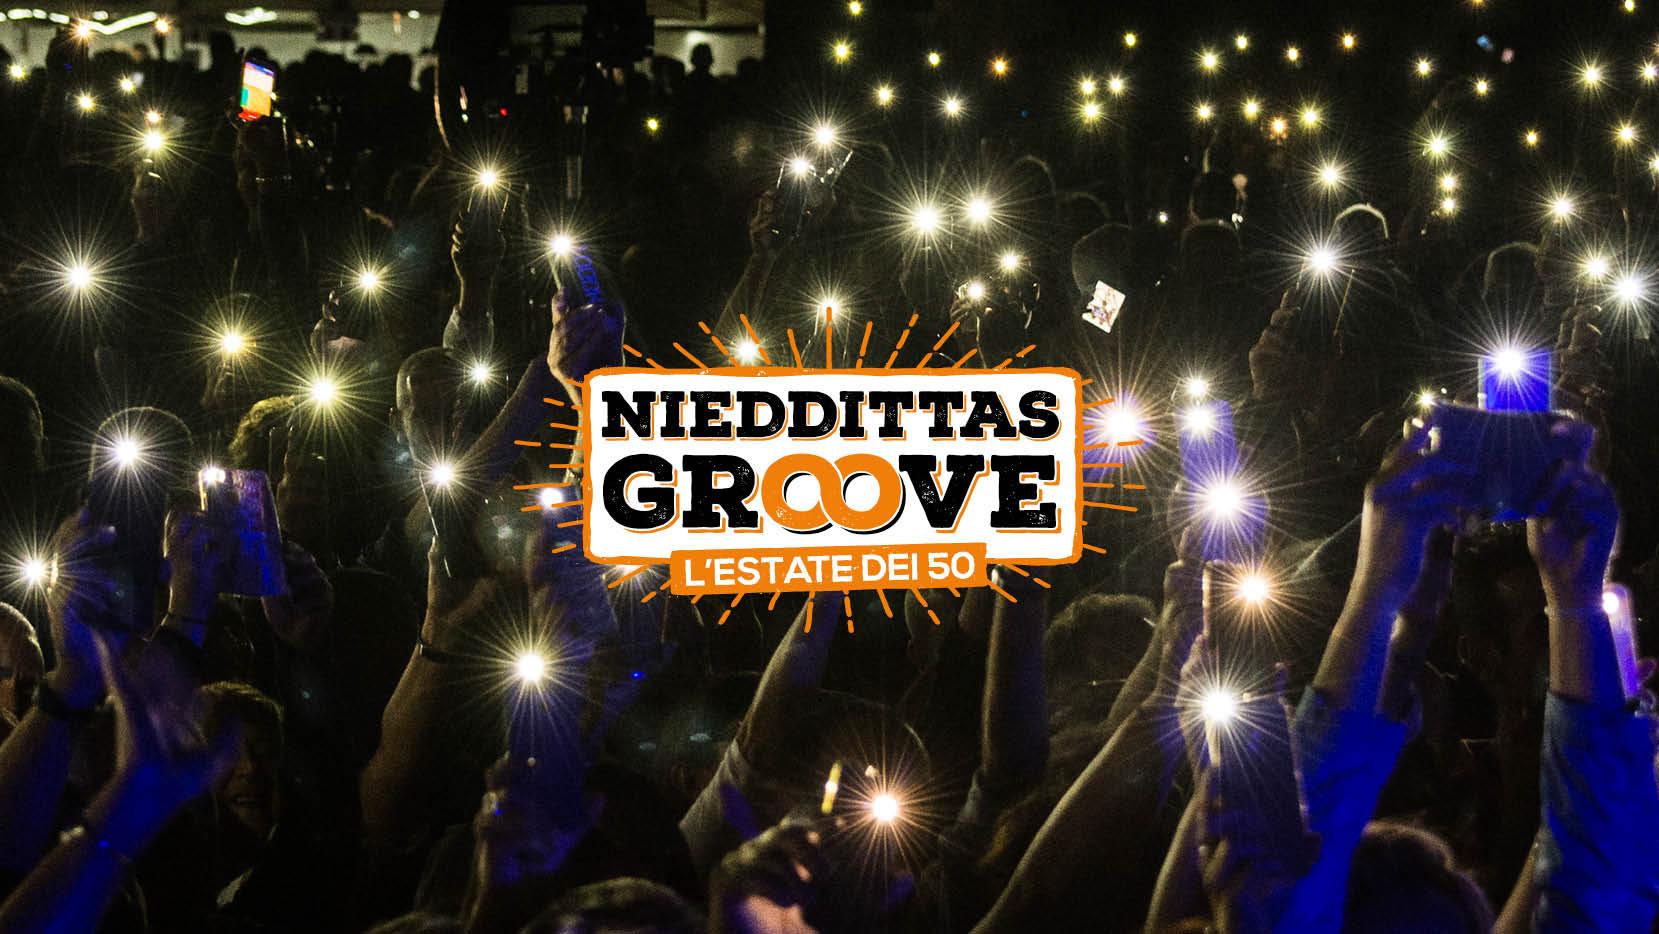 Tutte le foto della serata conclusiva del Nieddittas Groove!